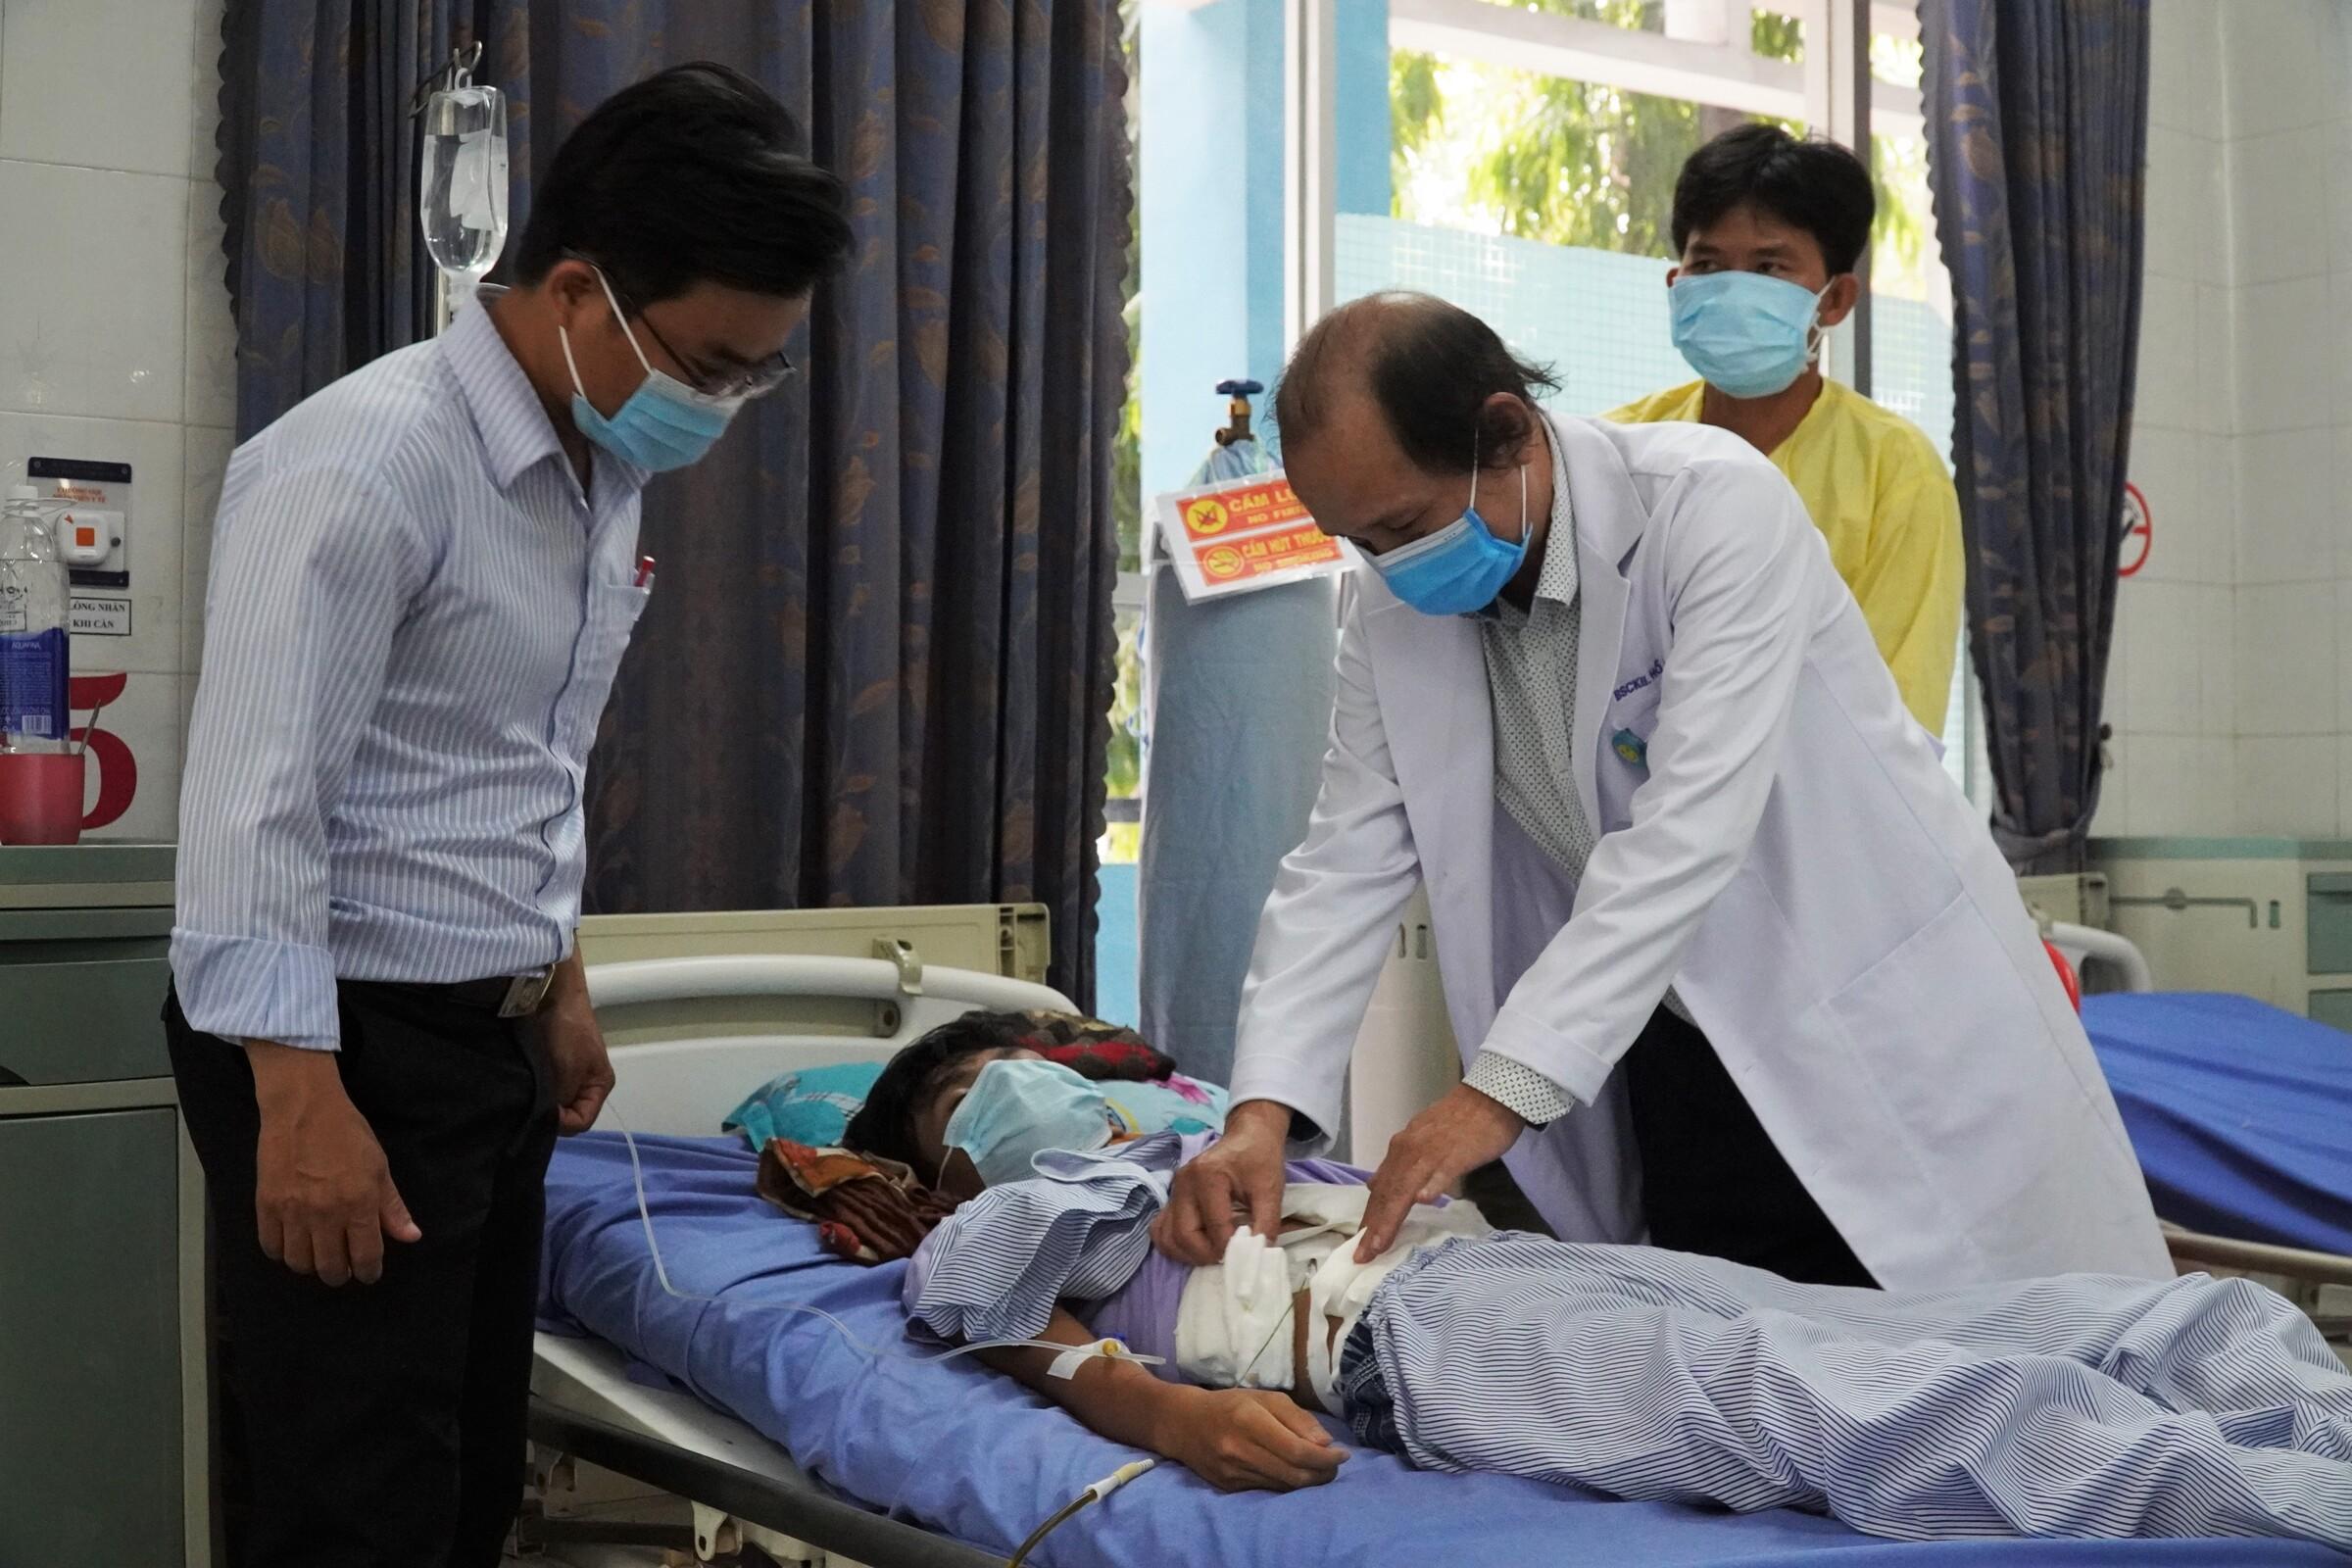 Bác sĩ Hồ Ngọc Sơn, phó giám đốc Bệnh viện đa khoa Nam Bình Thuận đang thăm khám cho em Hải, chiều 6/5. Ảnh: Việt Quốc.